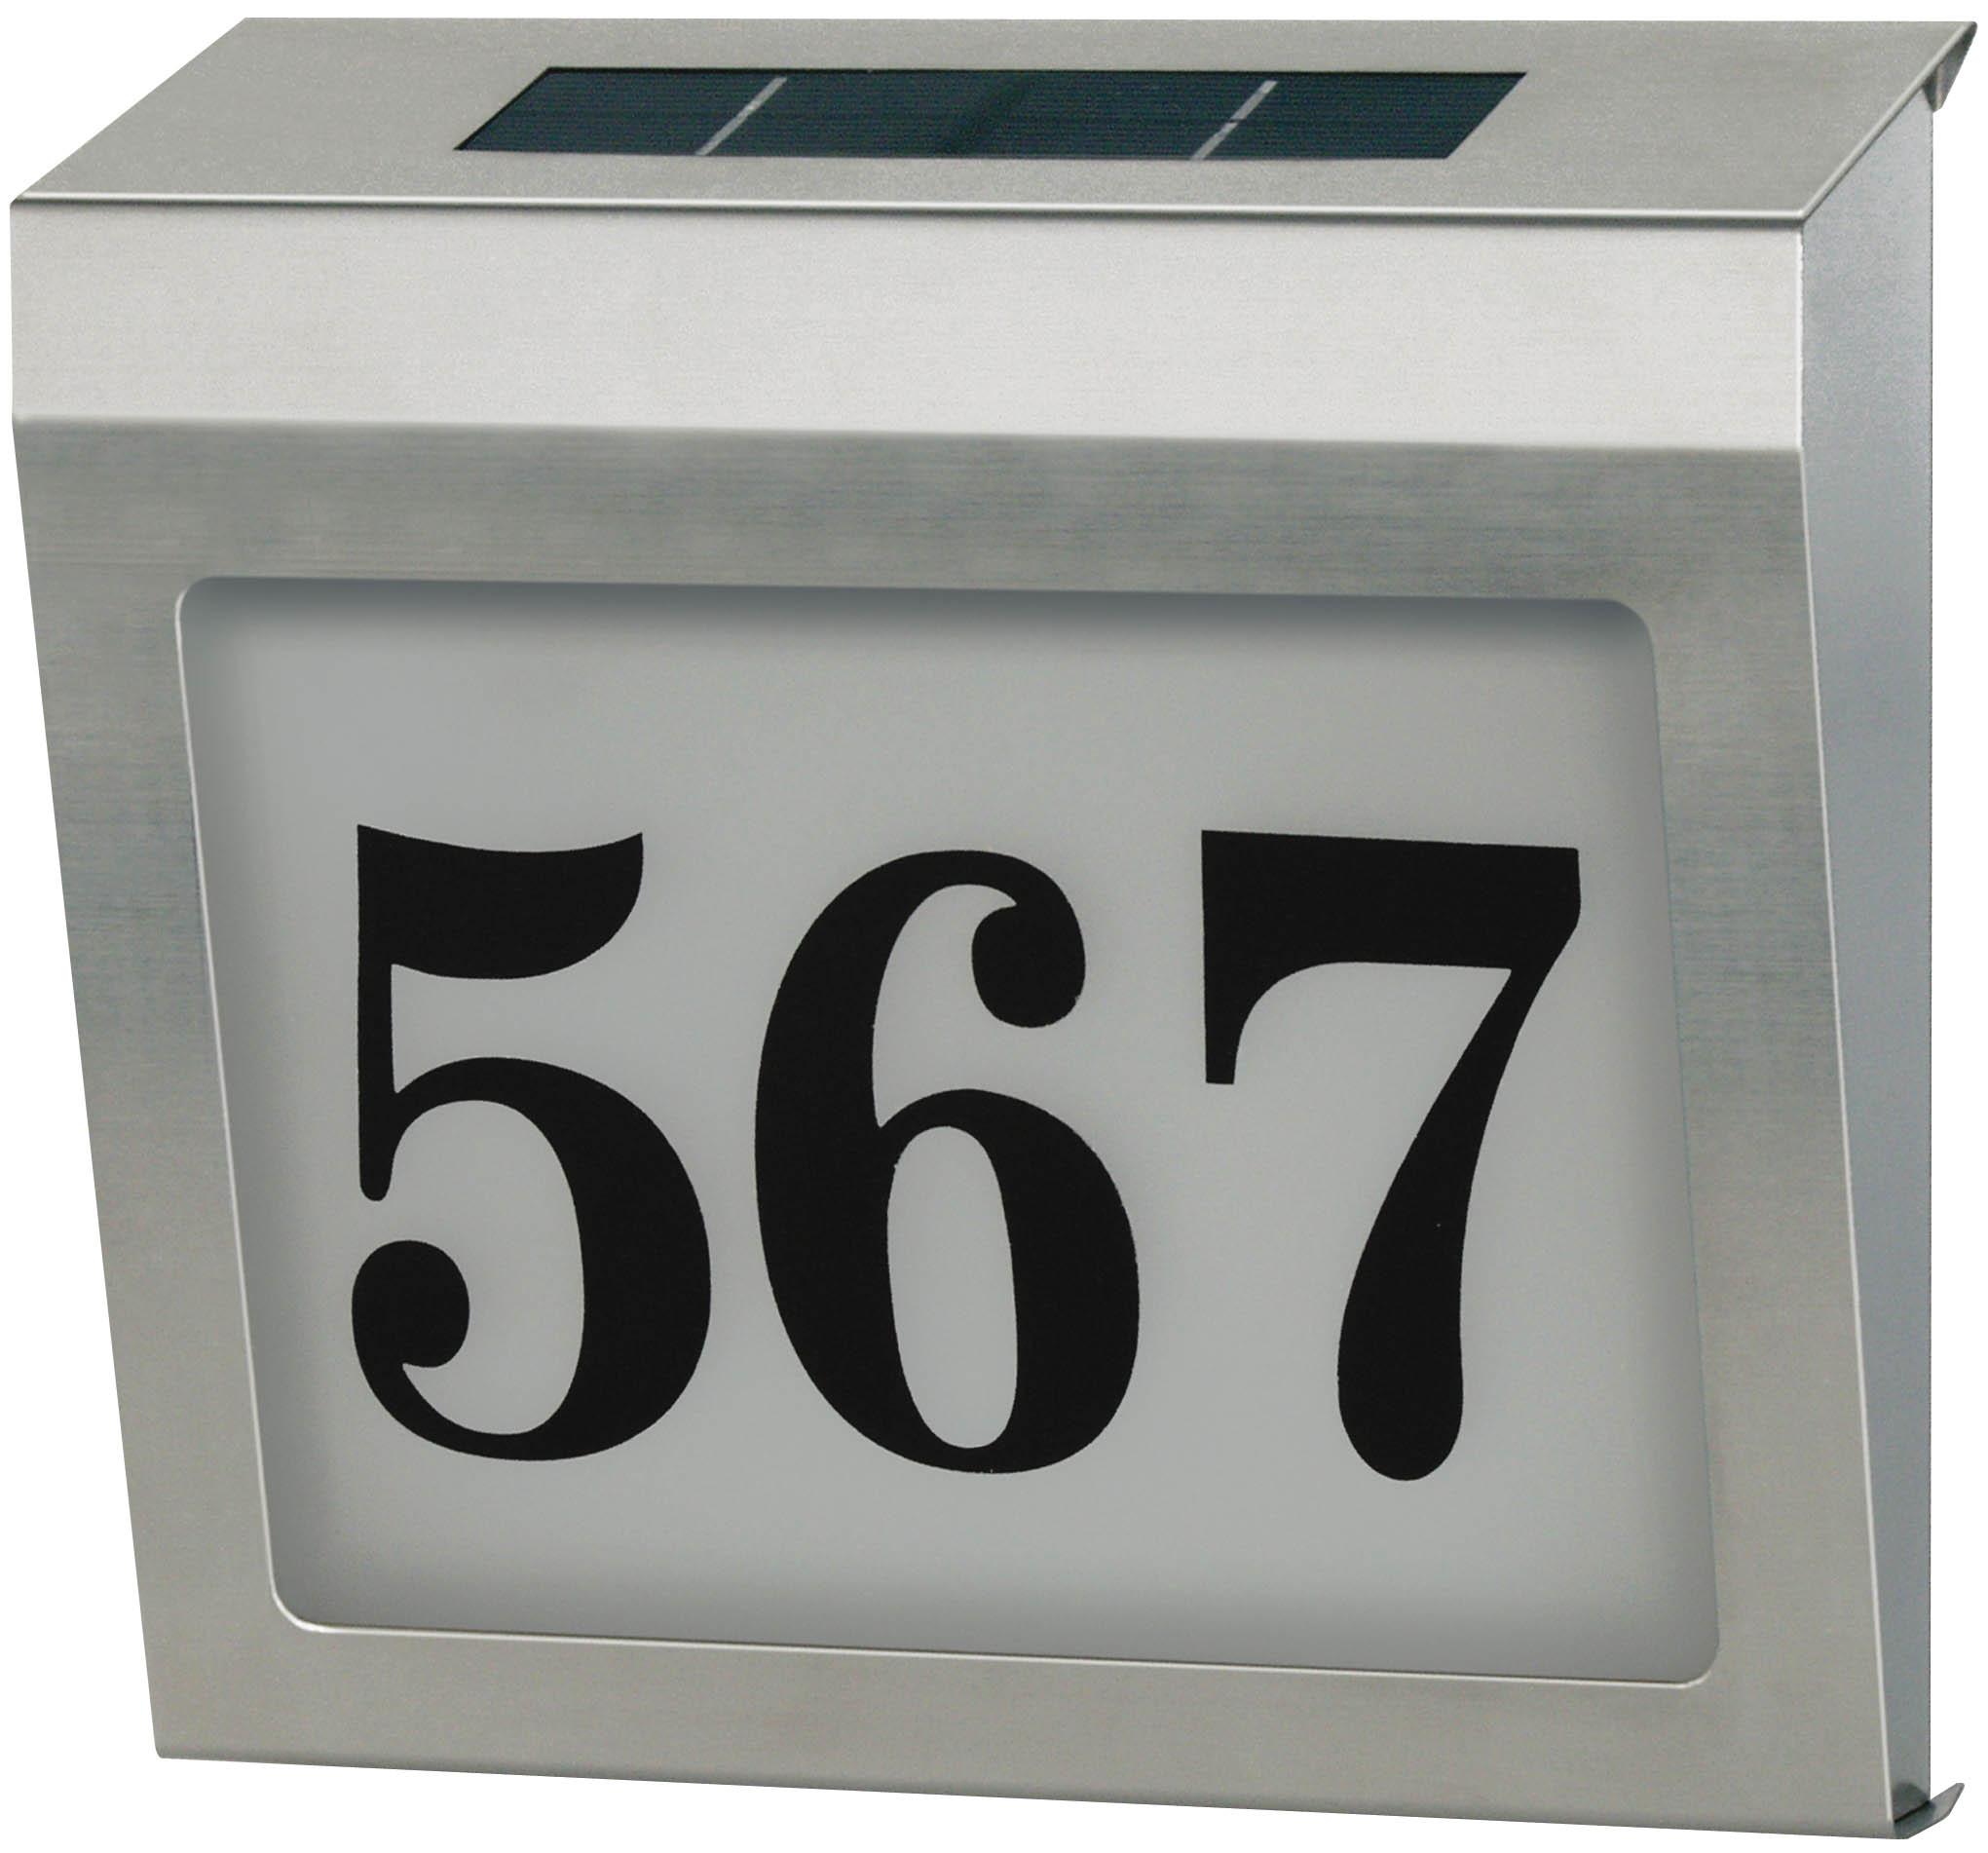 podświetlany solarny numer domu led niemiecki